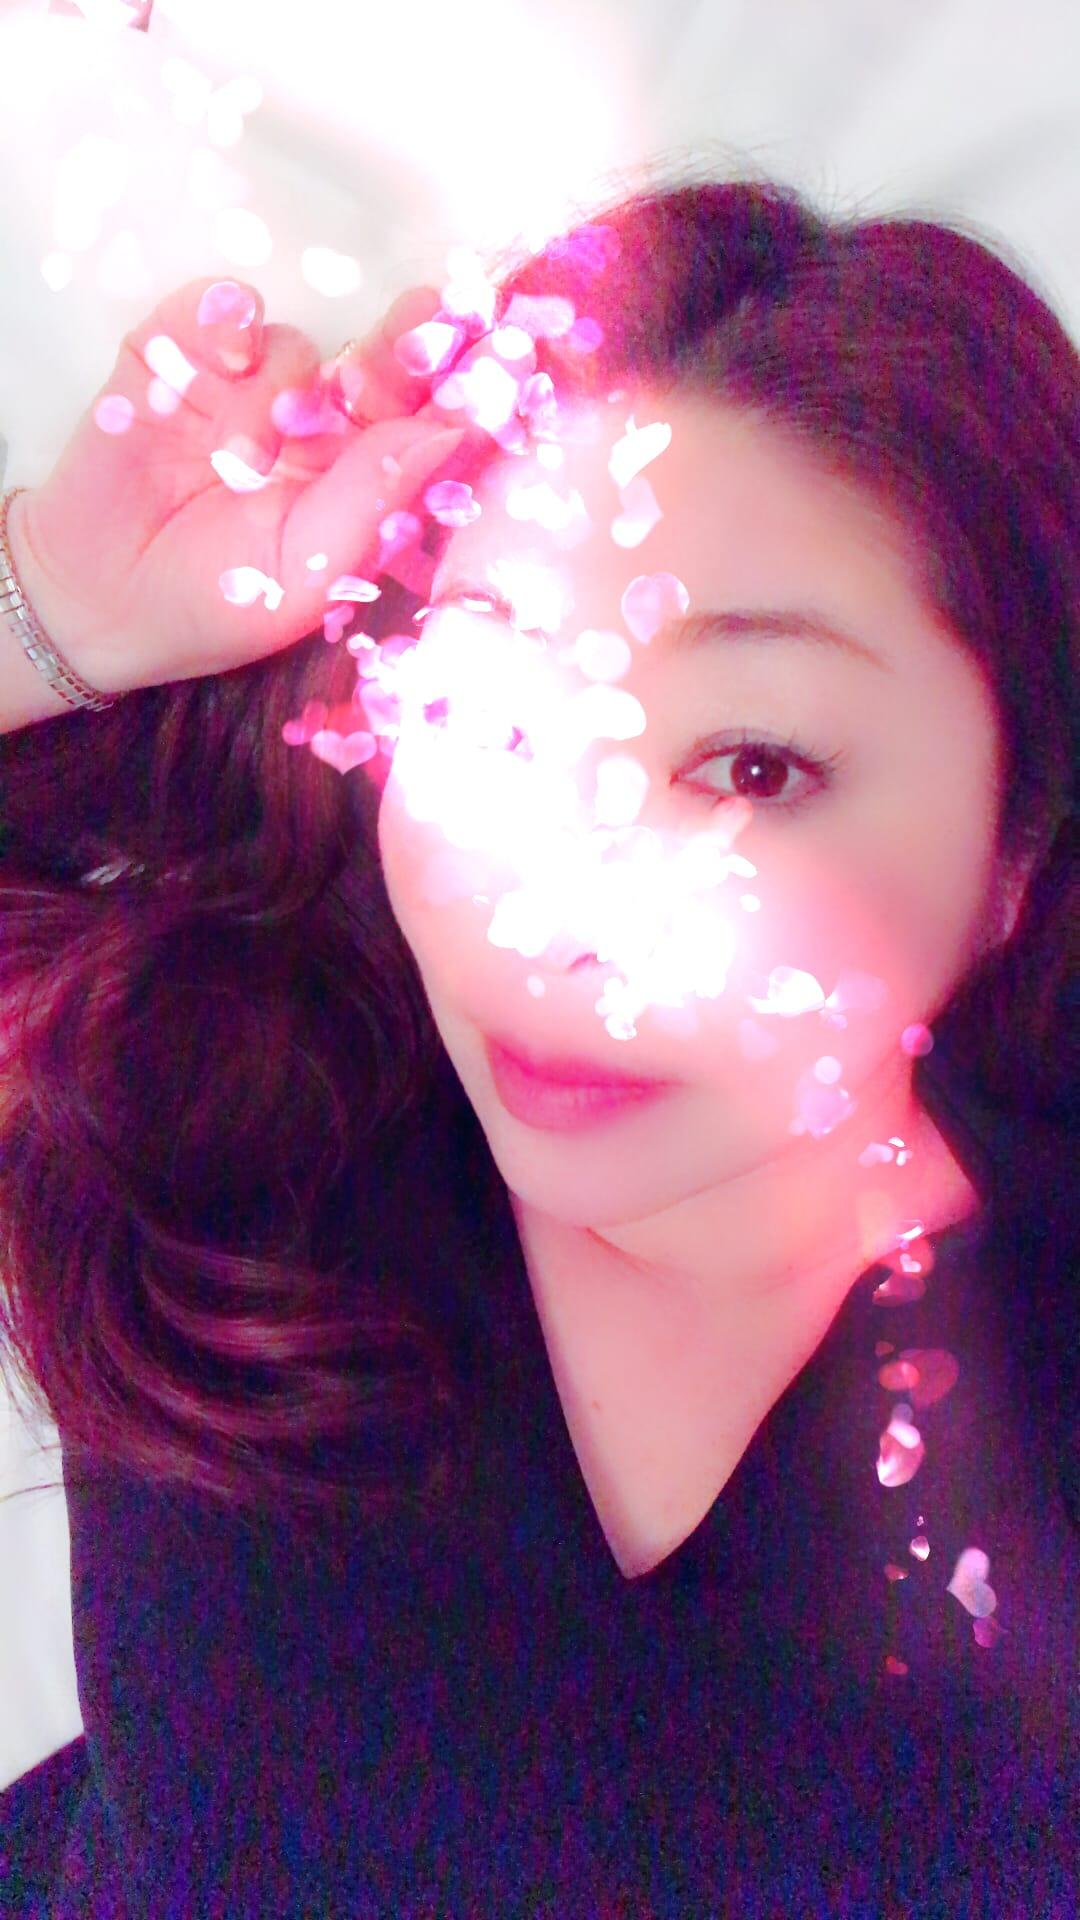 えり「ありがとうございますました」03/24(土) 01:52   えりの写メ・風俗動画